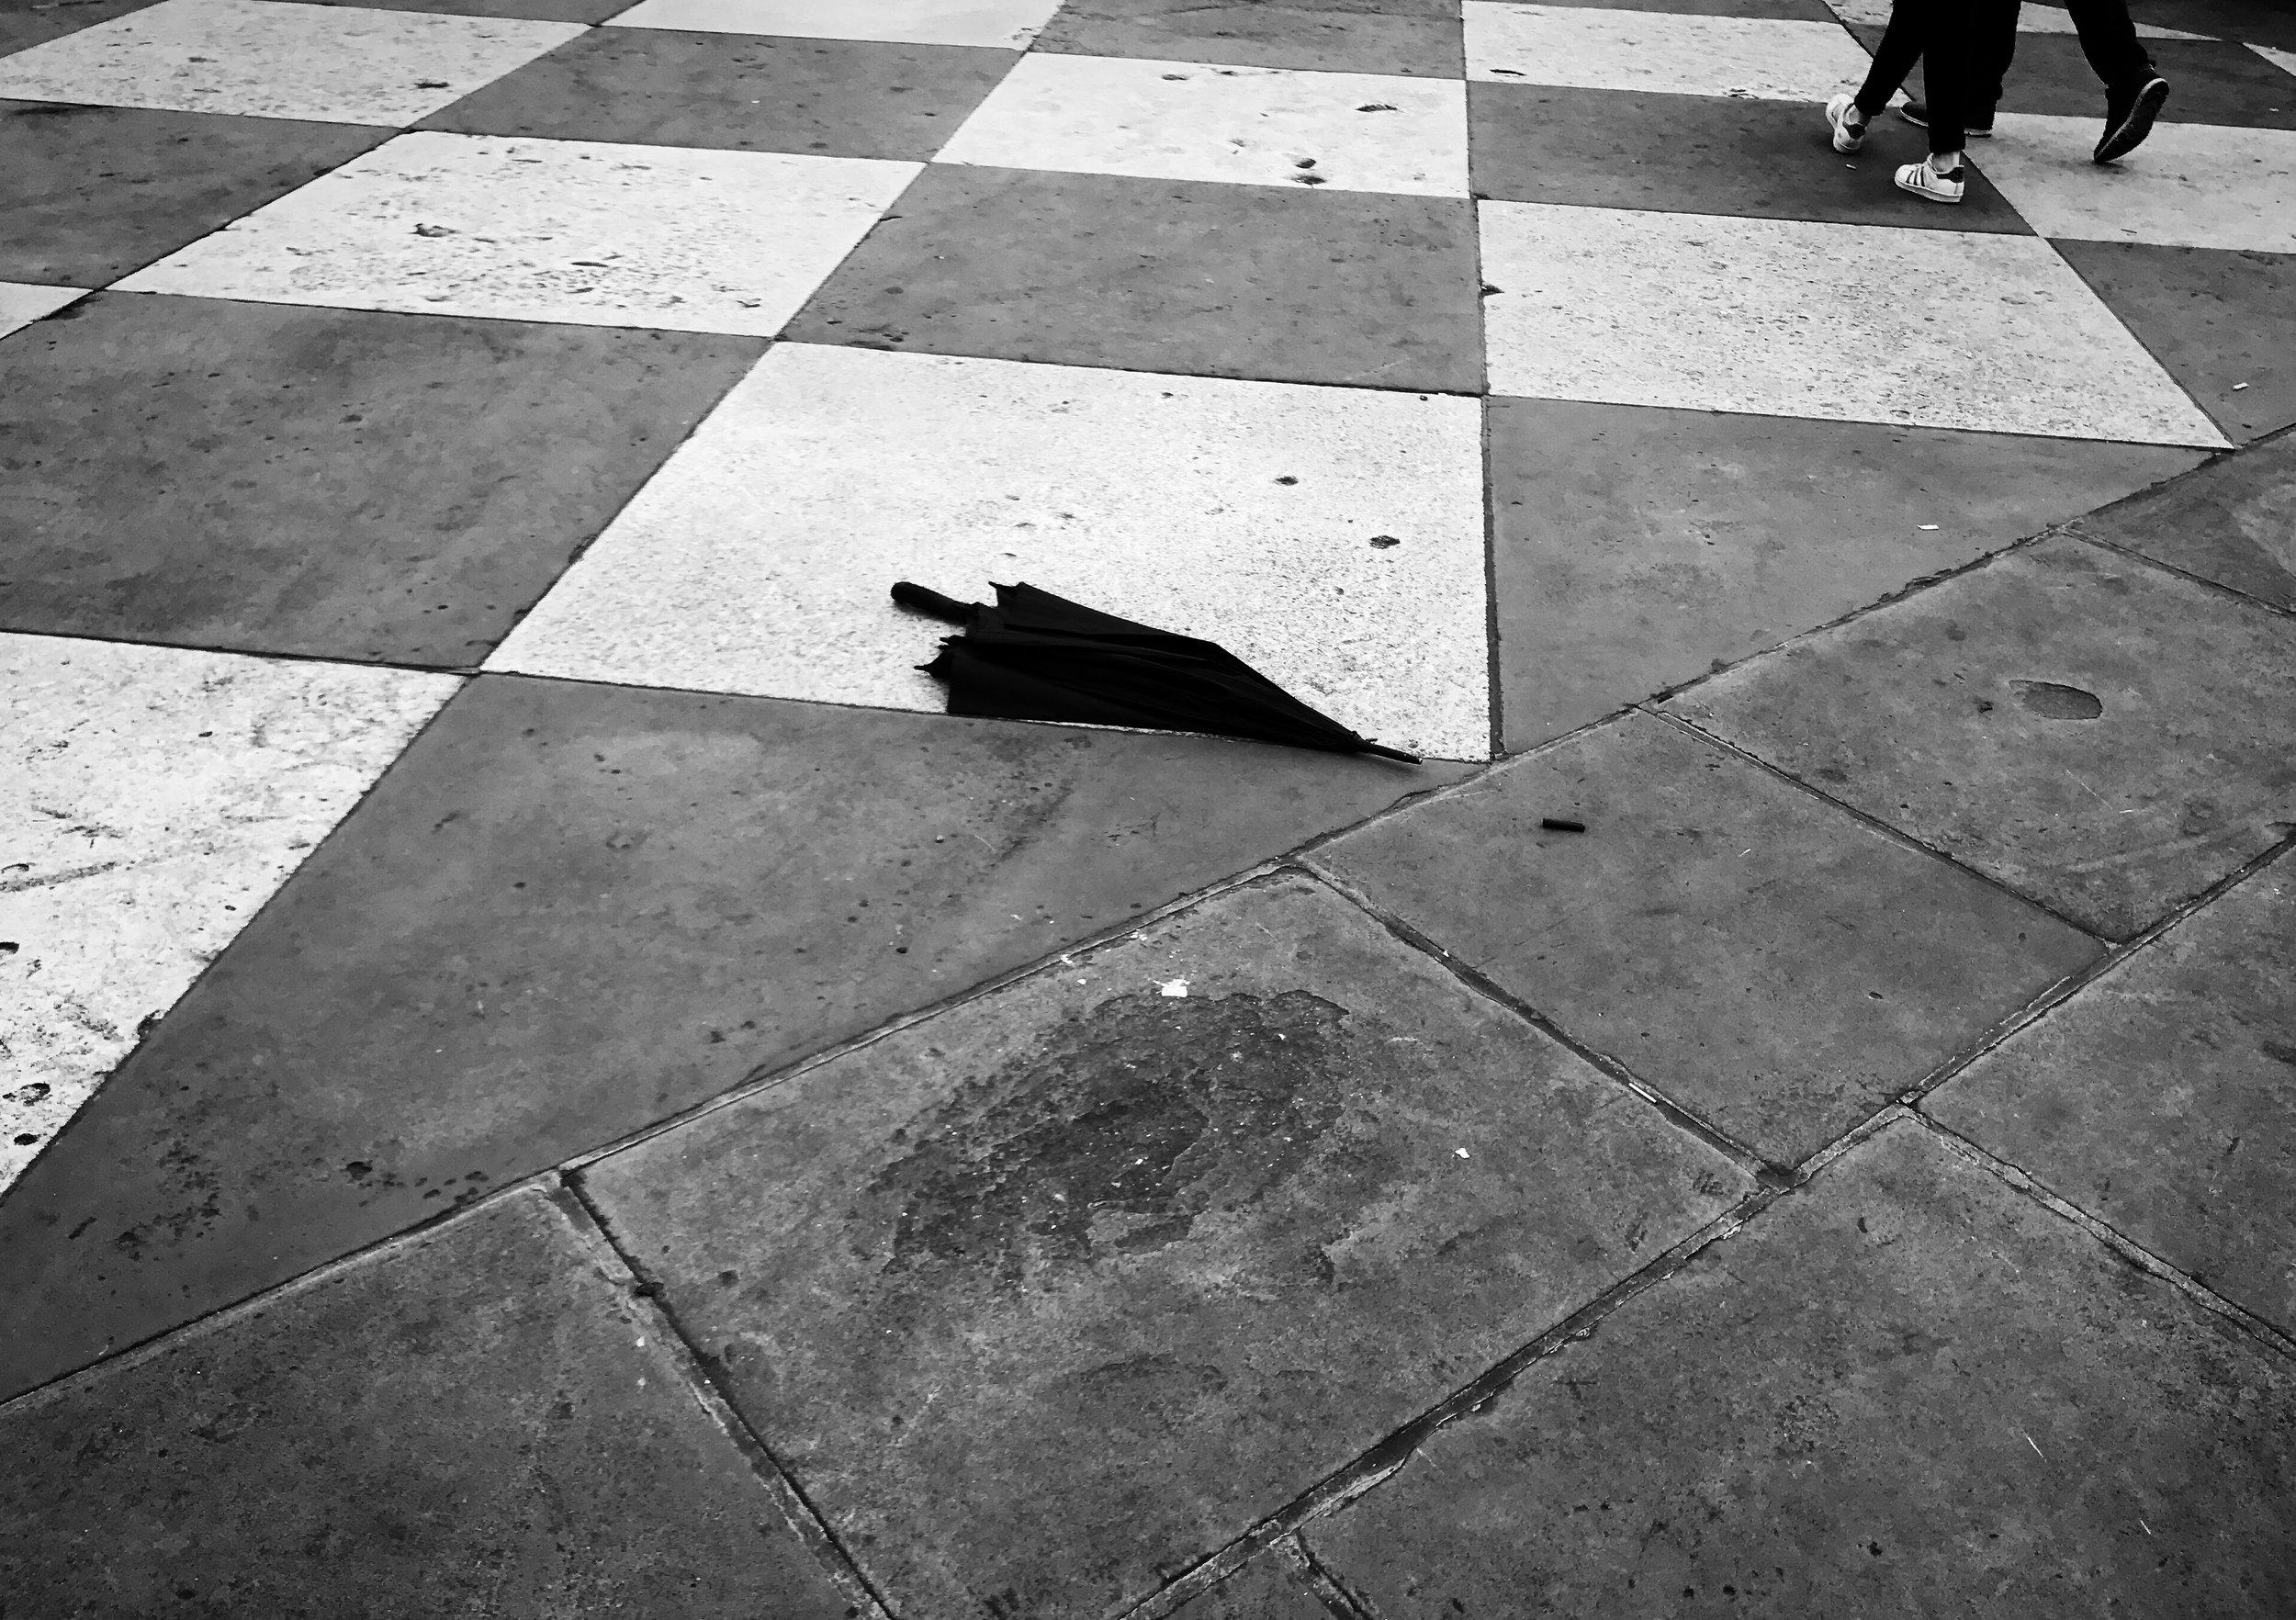 Abandoned_Umbrella_Tralfalgar_London.jpg